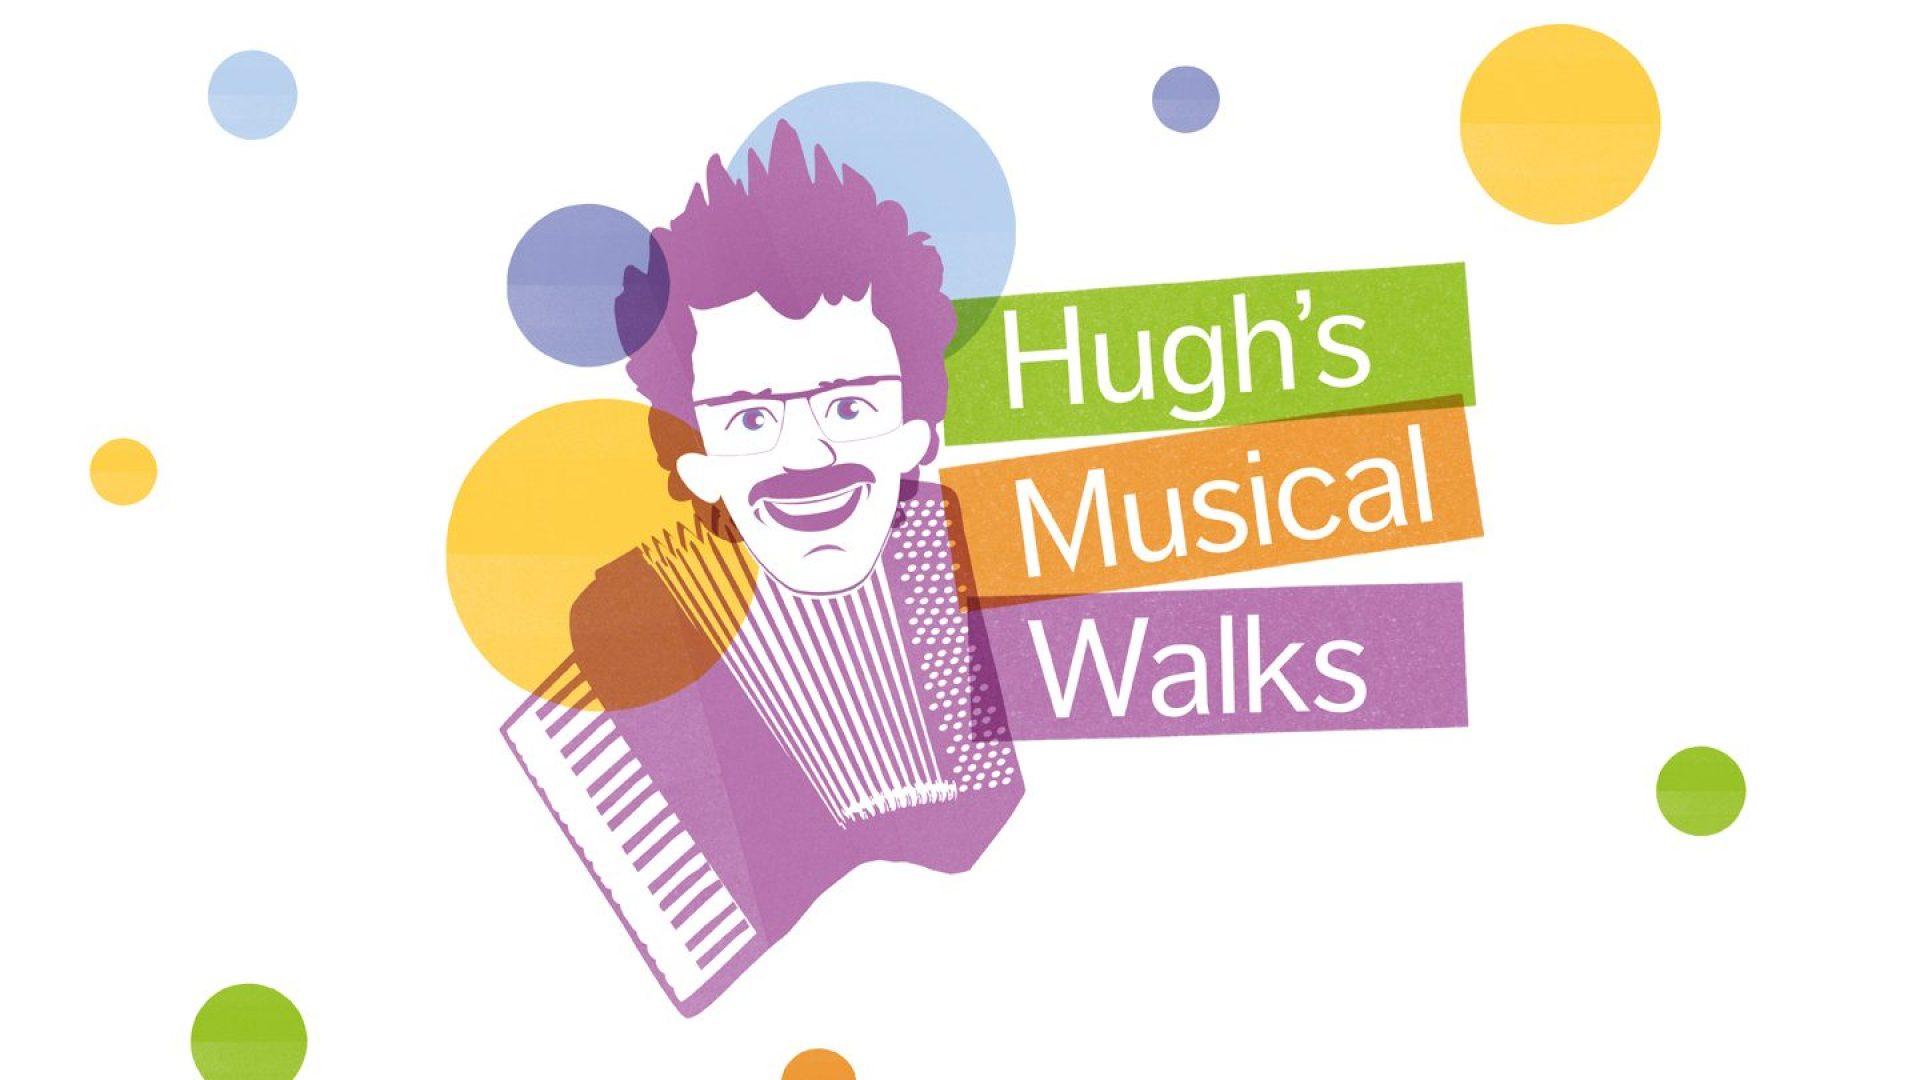 Musical walks with Hugh bring ten minutes of joy in lockdown.